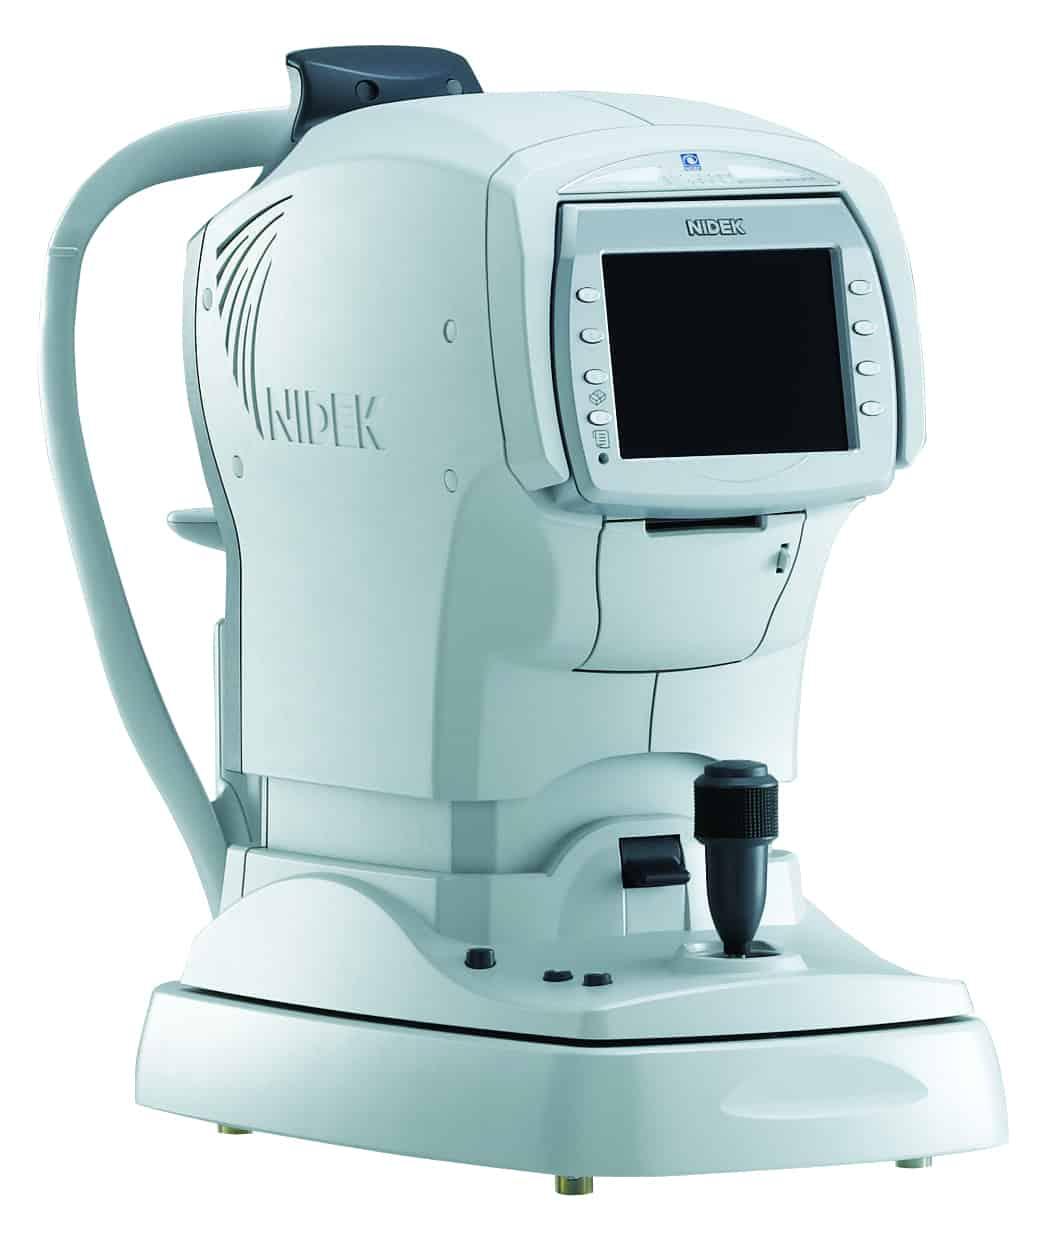 Gerät zur Hornhautdickenmessung (Pachymetrie) - Früherkennung Grüner Star (Glaukom)